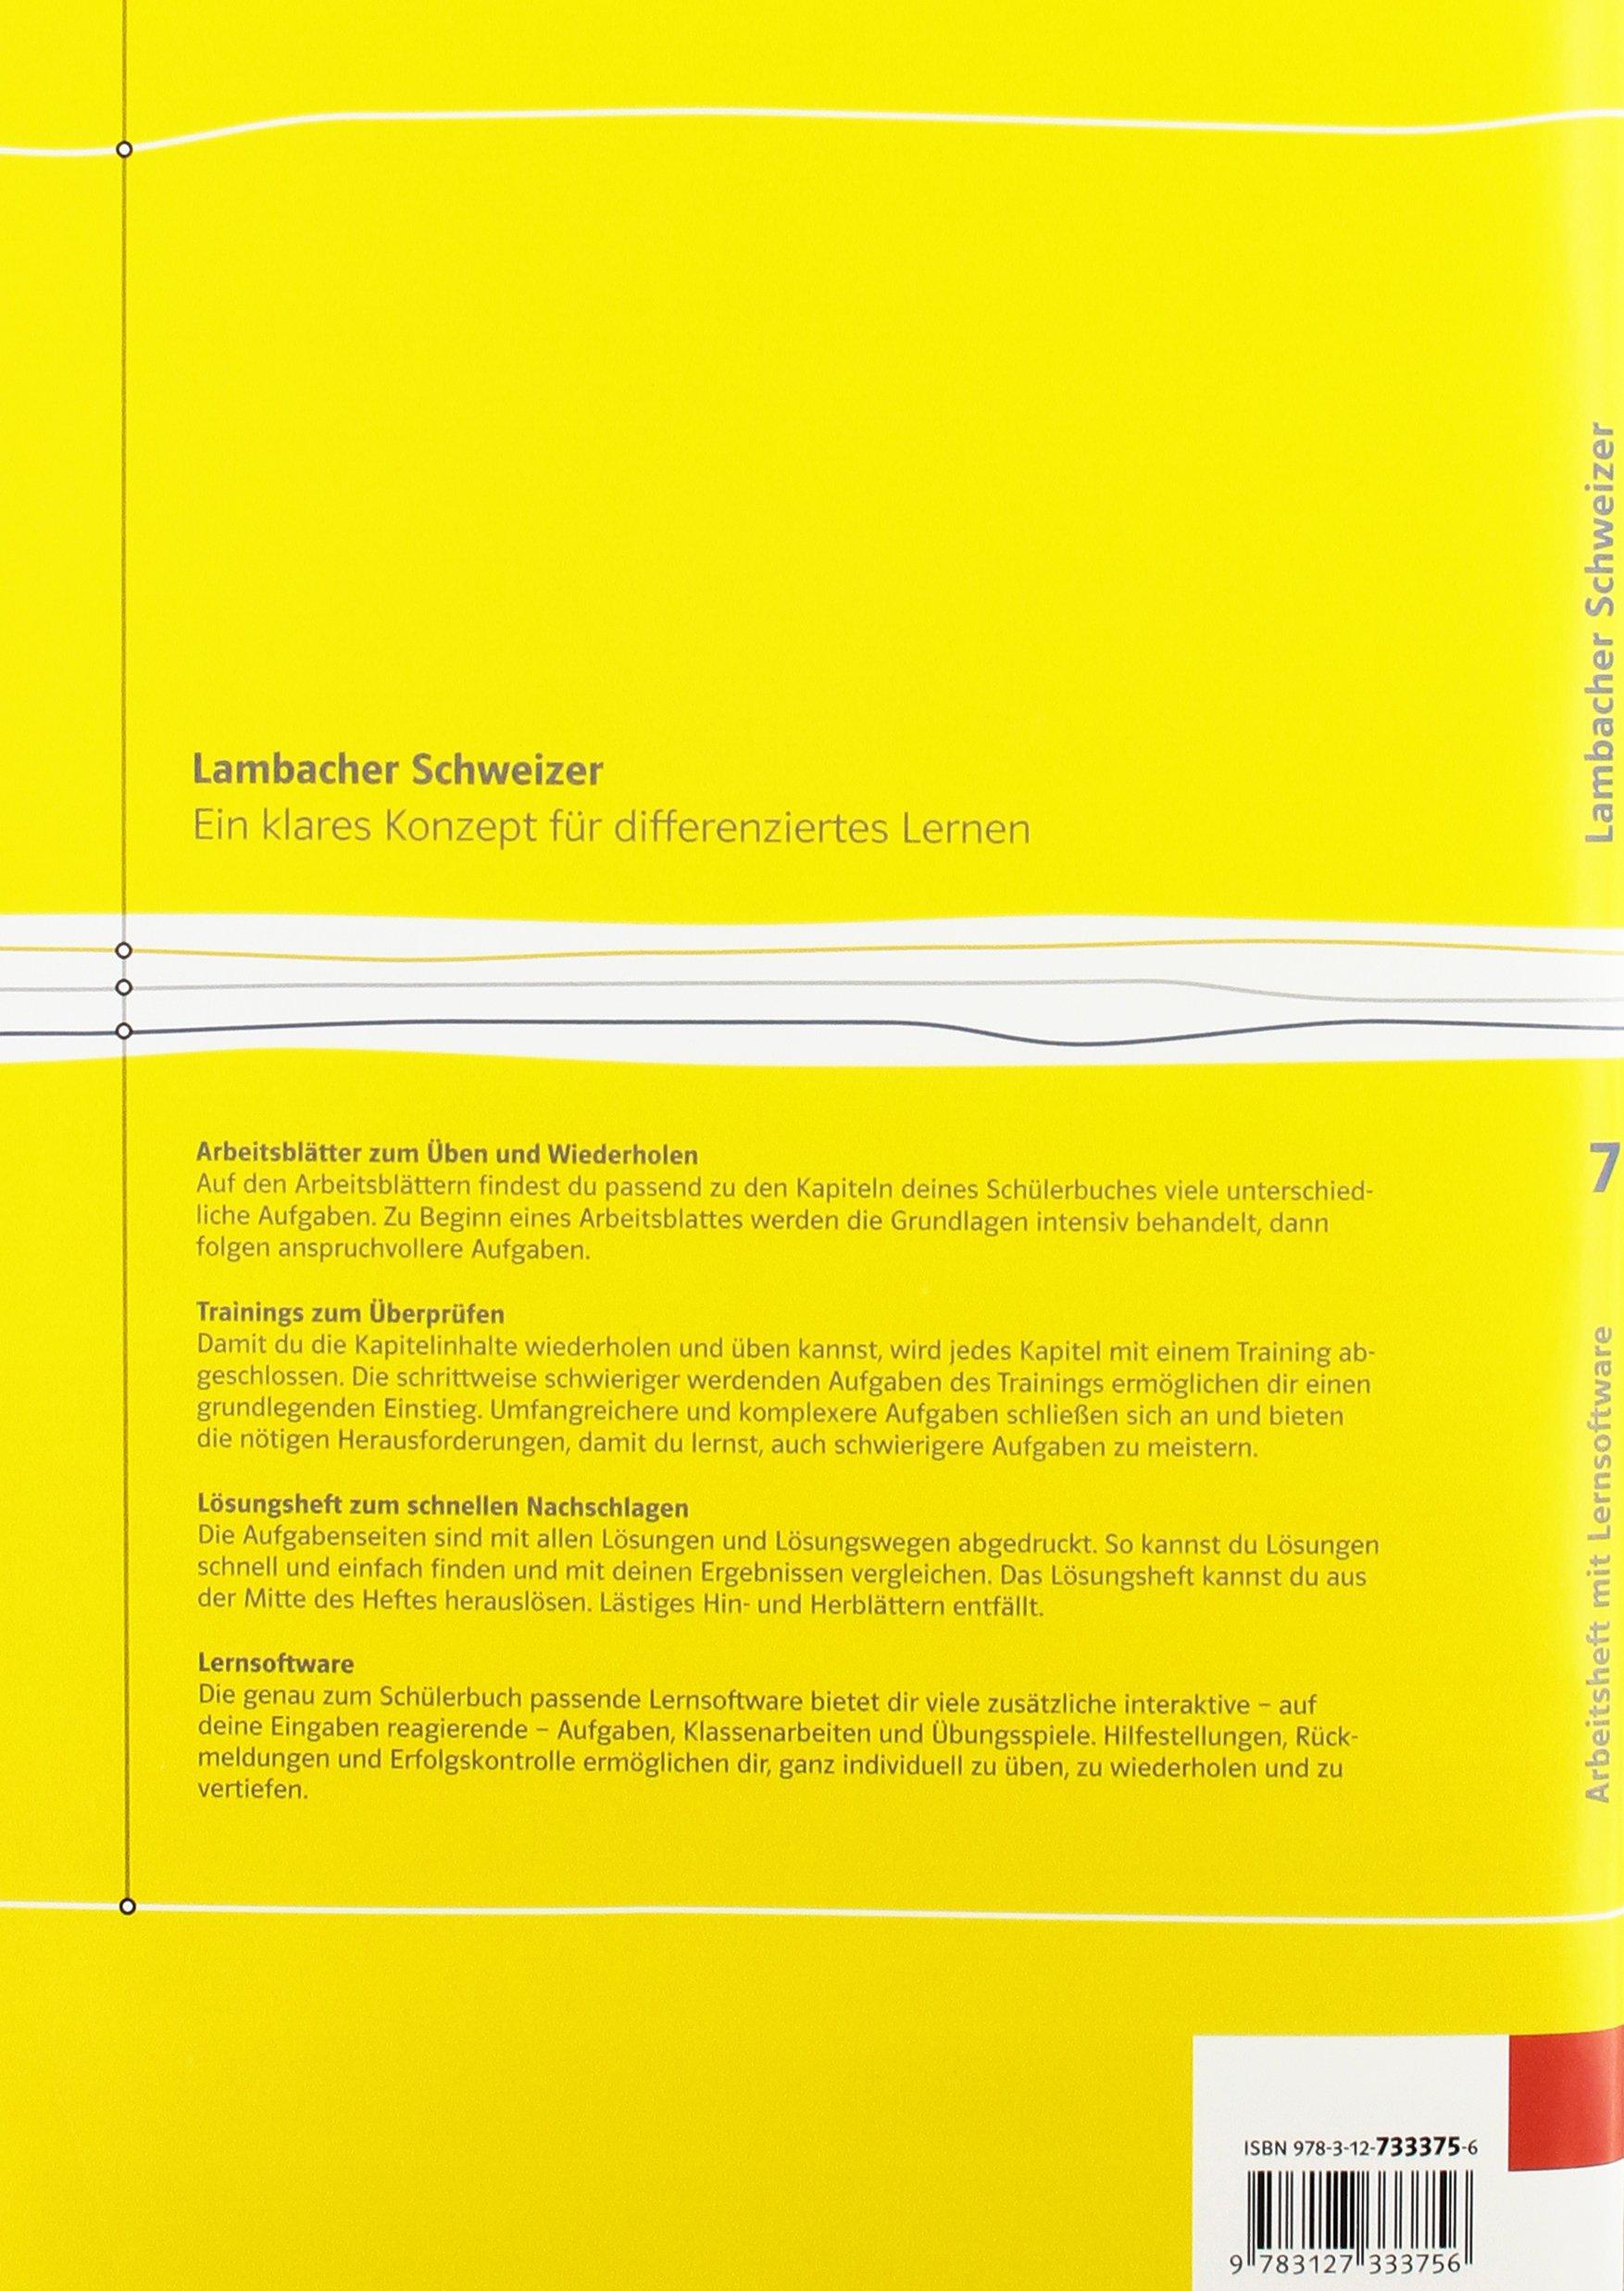 Gemütlich Zusätzliche Mathe Arbeitsblatt Galerie - Super Lehrer ...